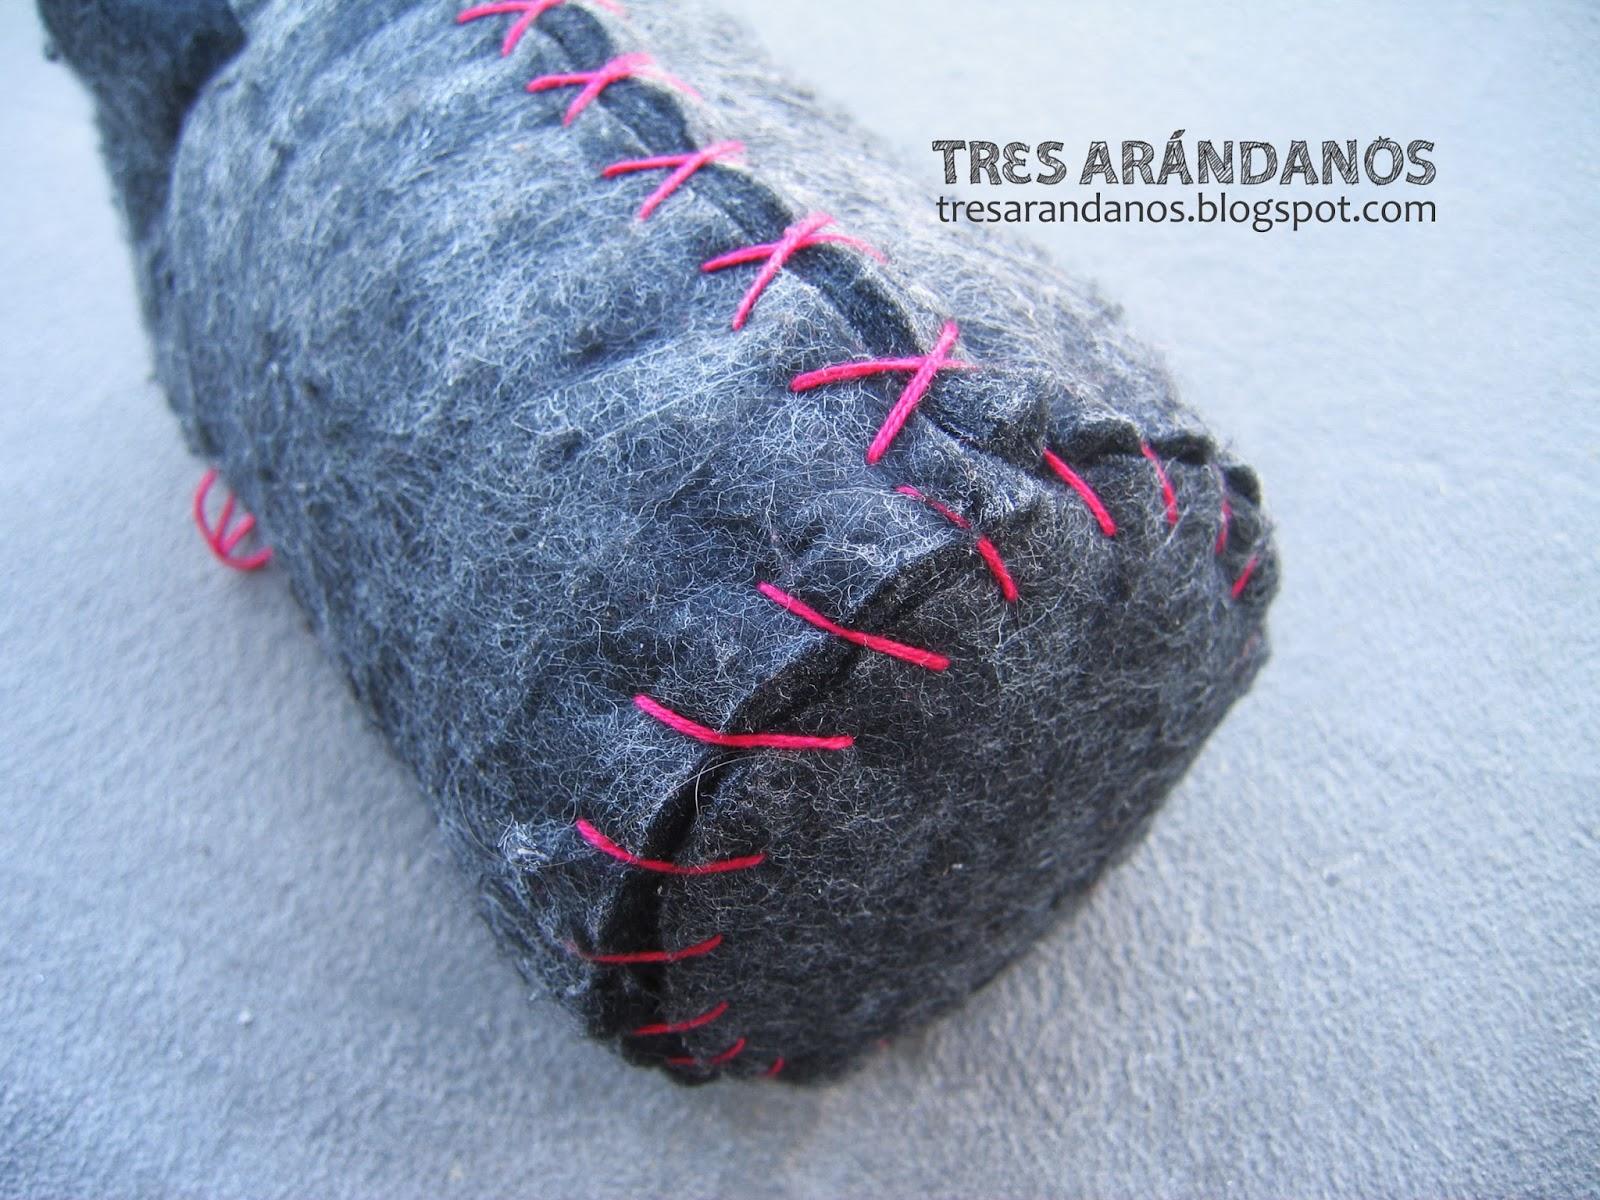 termo hecho con lana